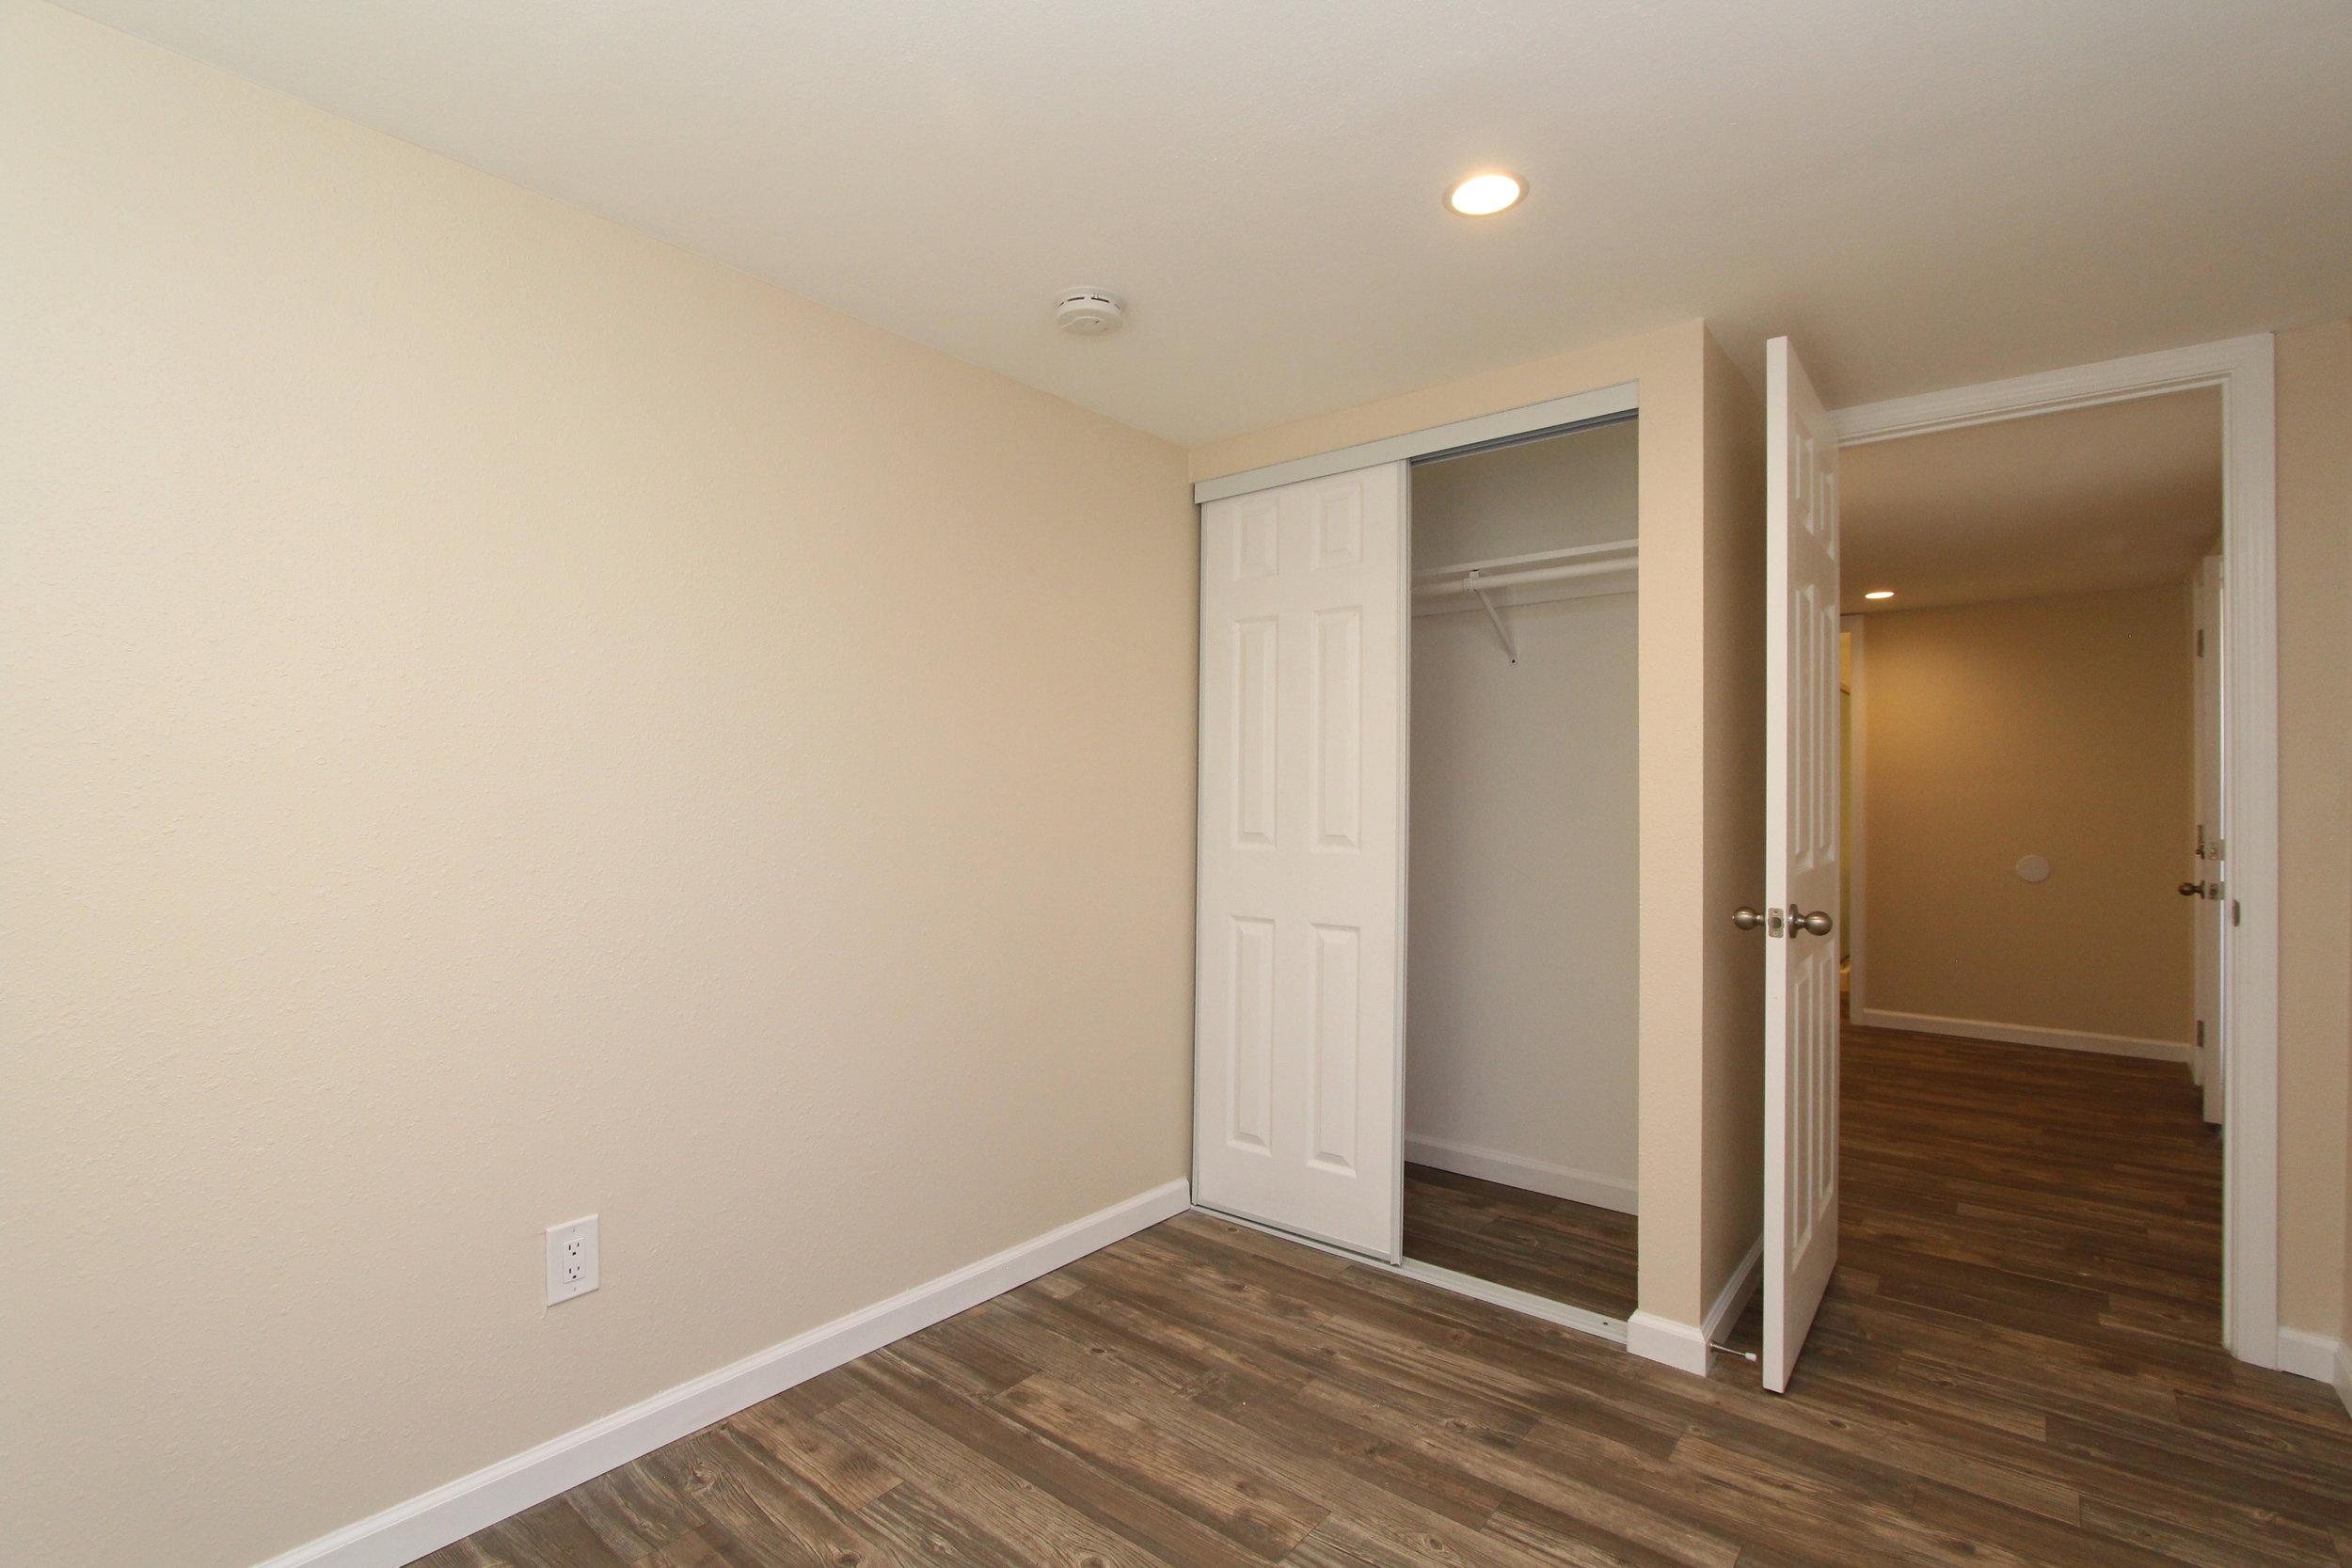 Finished - Bedroom 3